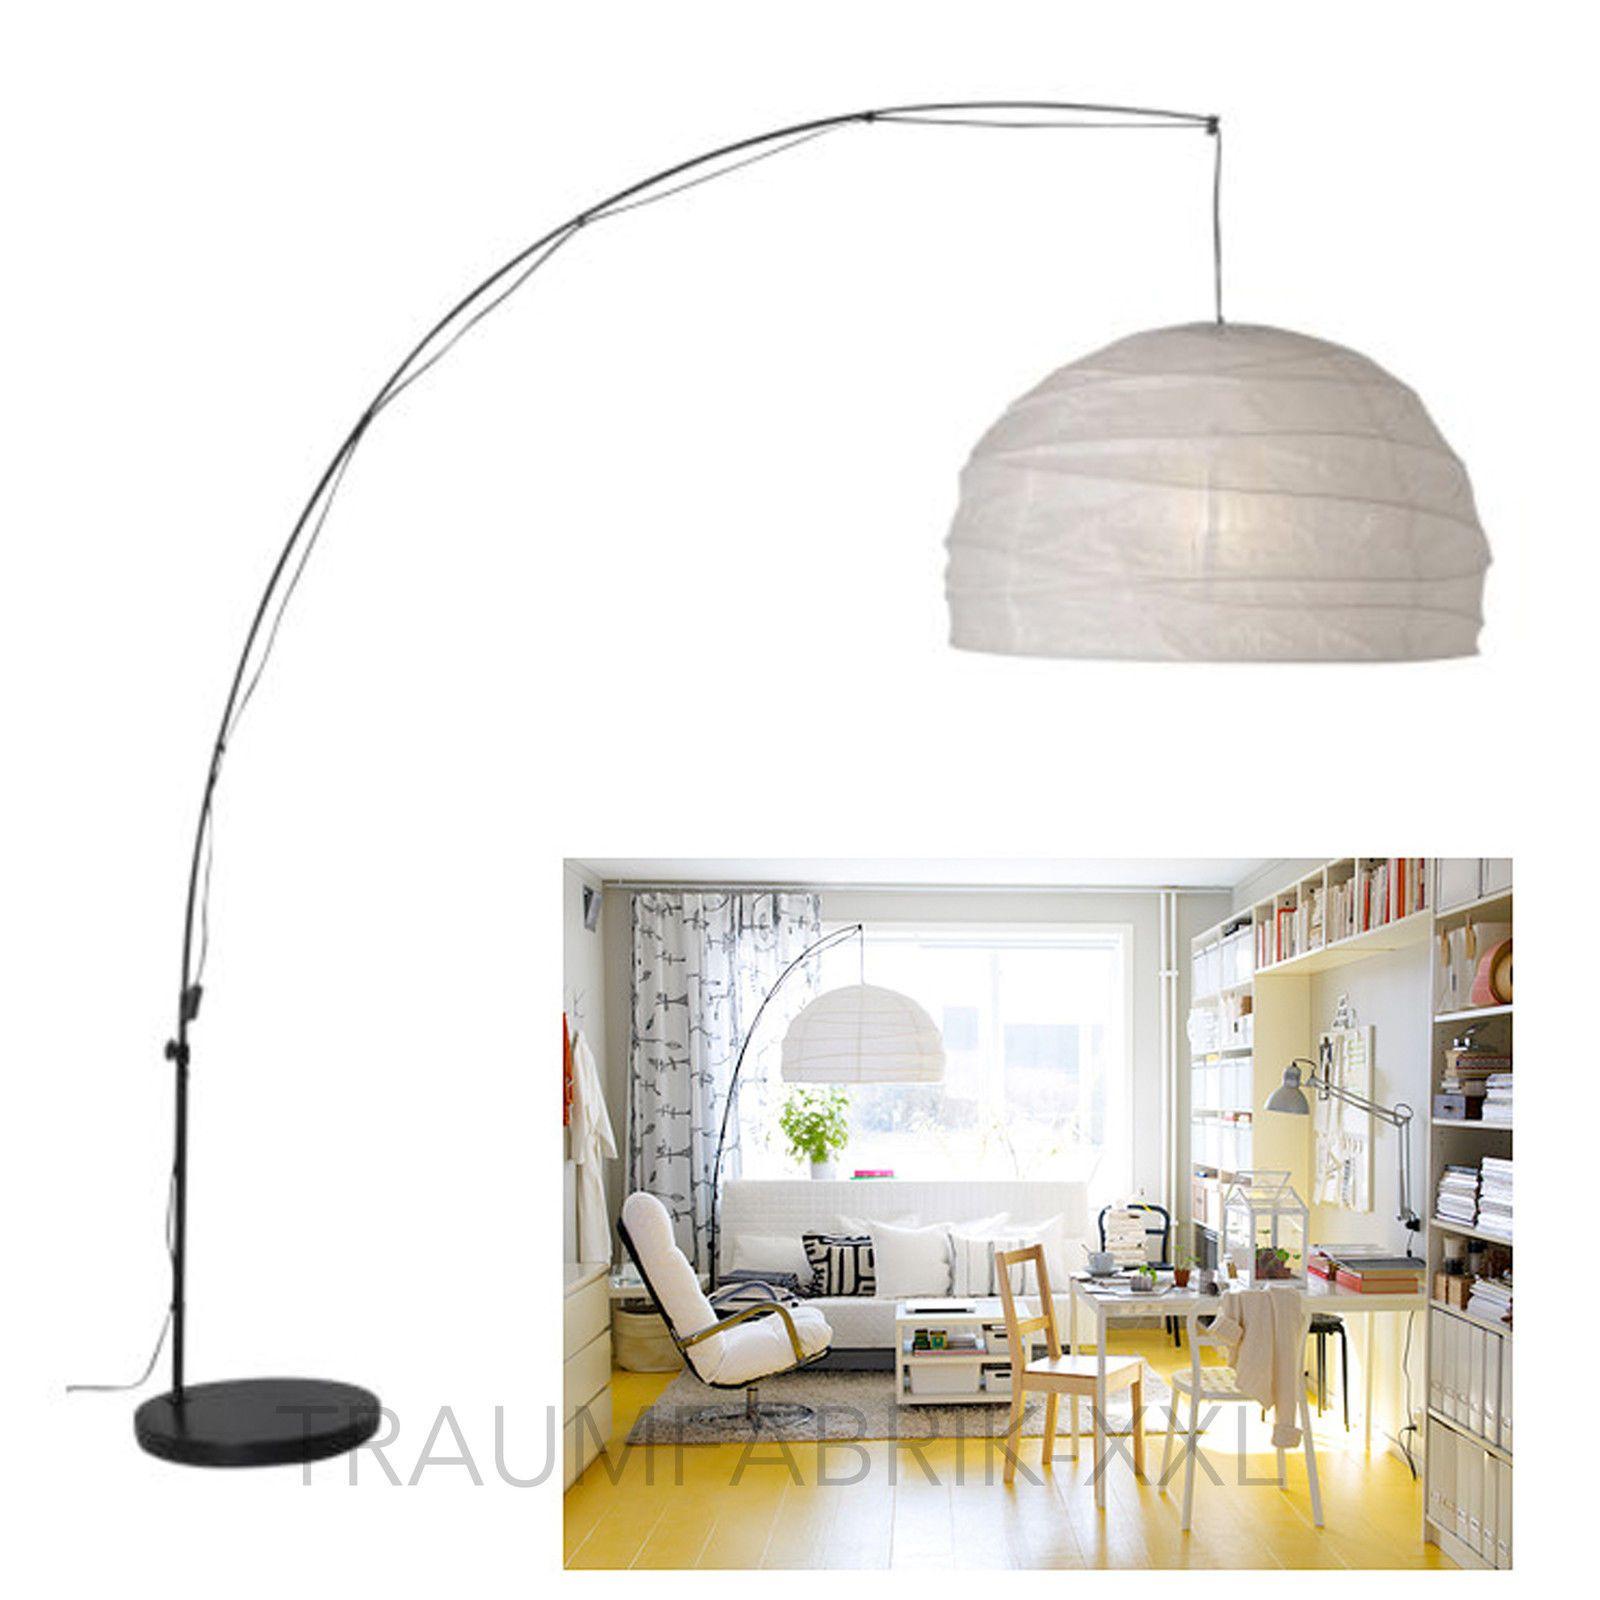 Full Size of Wohnzimmer Lampe Ikea Lampen Leuchten Decke Von Stehend Lounge Leuchte Stehlampe Badezimmer Schlafzimmer Deckenlampe Stehleuchte Deckenleuchte Deckenlampen Wohnzimmer Wohnzimmer Lampe Ikea